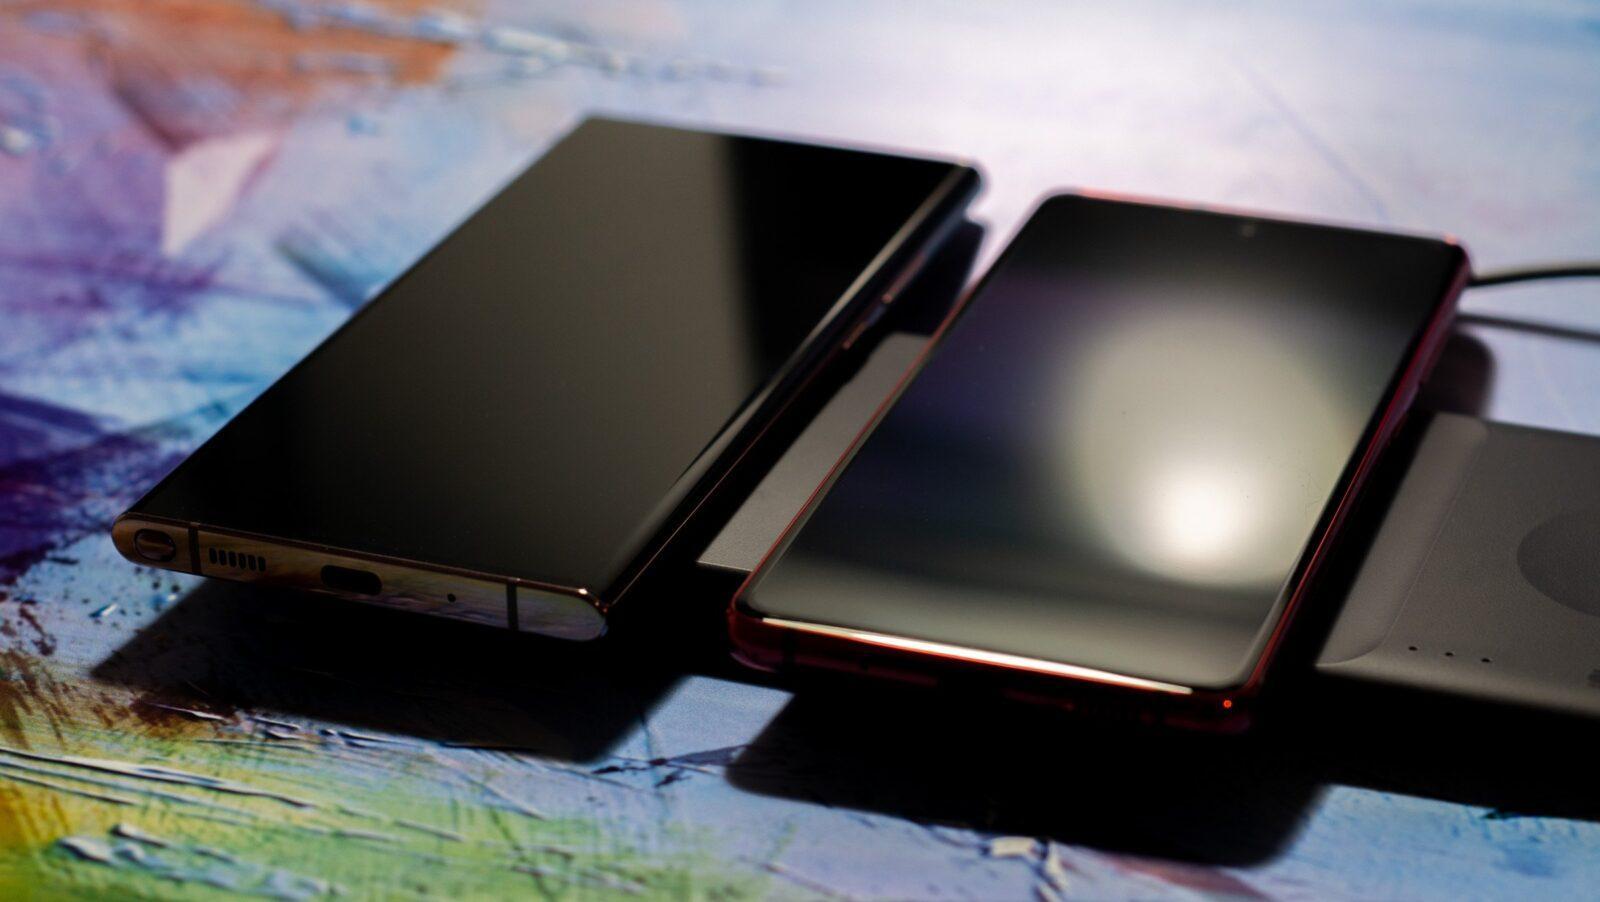 Обзор Samsung Wireless Charger Trio: без проводов и для трёх устройств (DSC 9748 Edit)